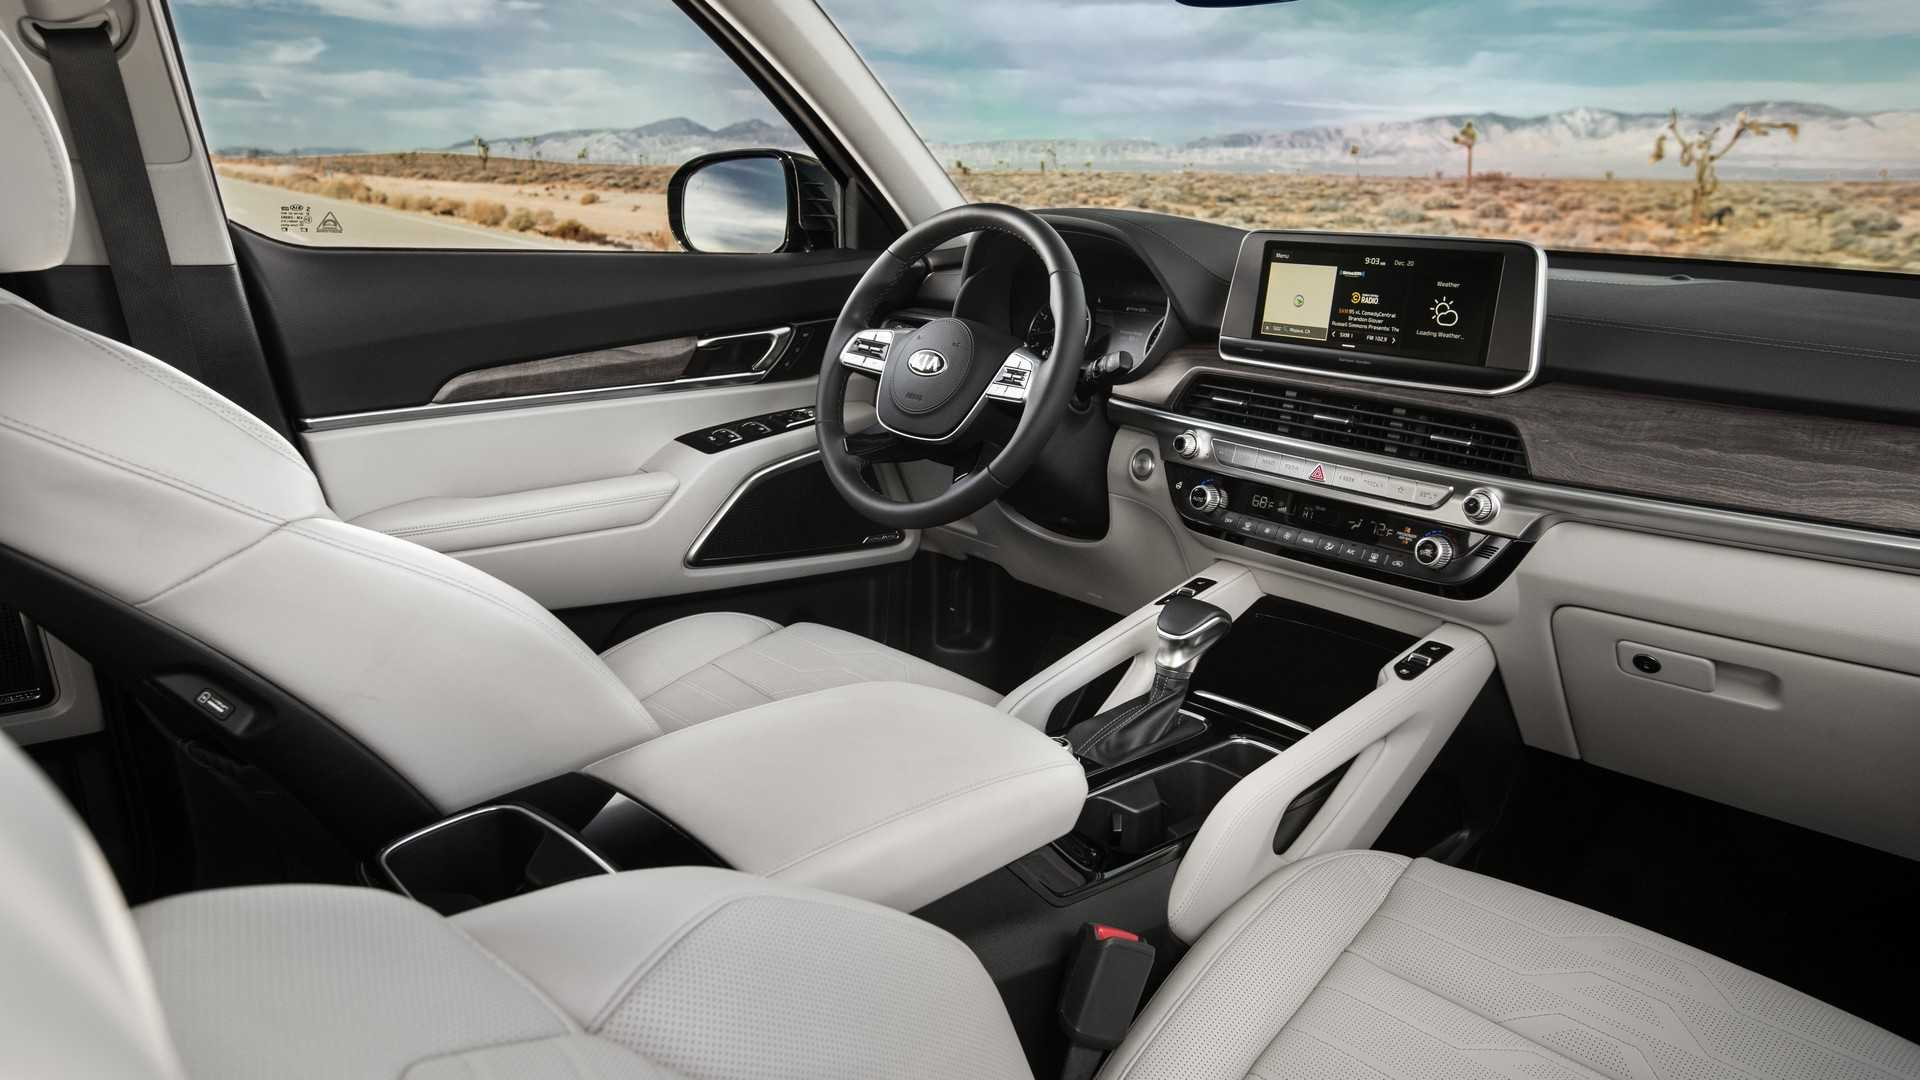 2020 Kia Telluride Comes Standard With 3.8L V6 - autoevolution